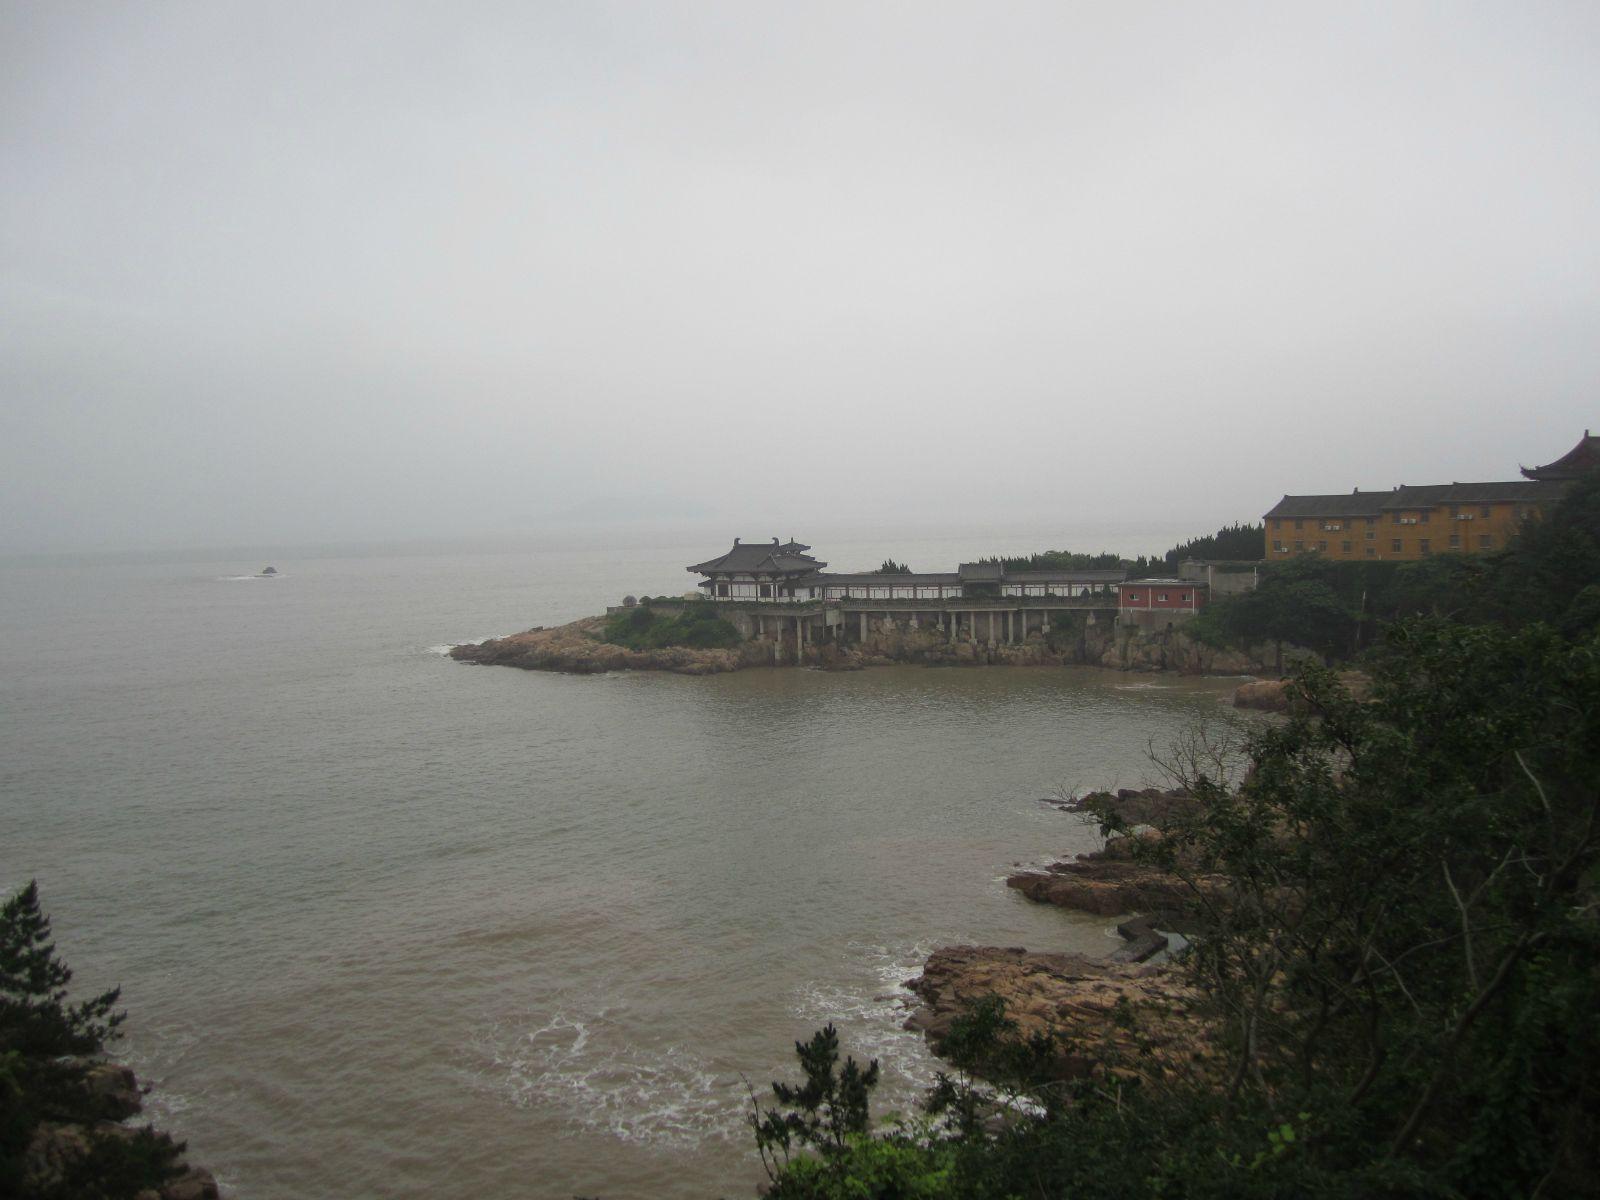 之后买票回到宁波大榭码头,并乘车回到市区,宿宁波东站附近.